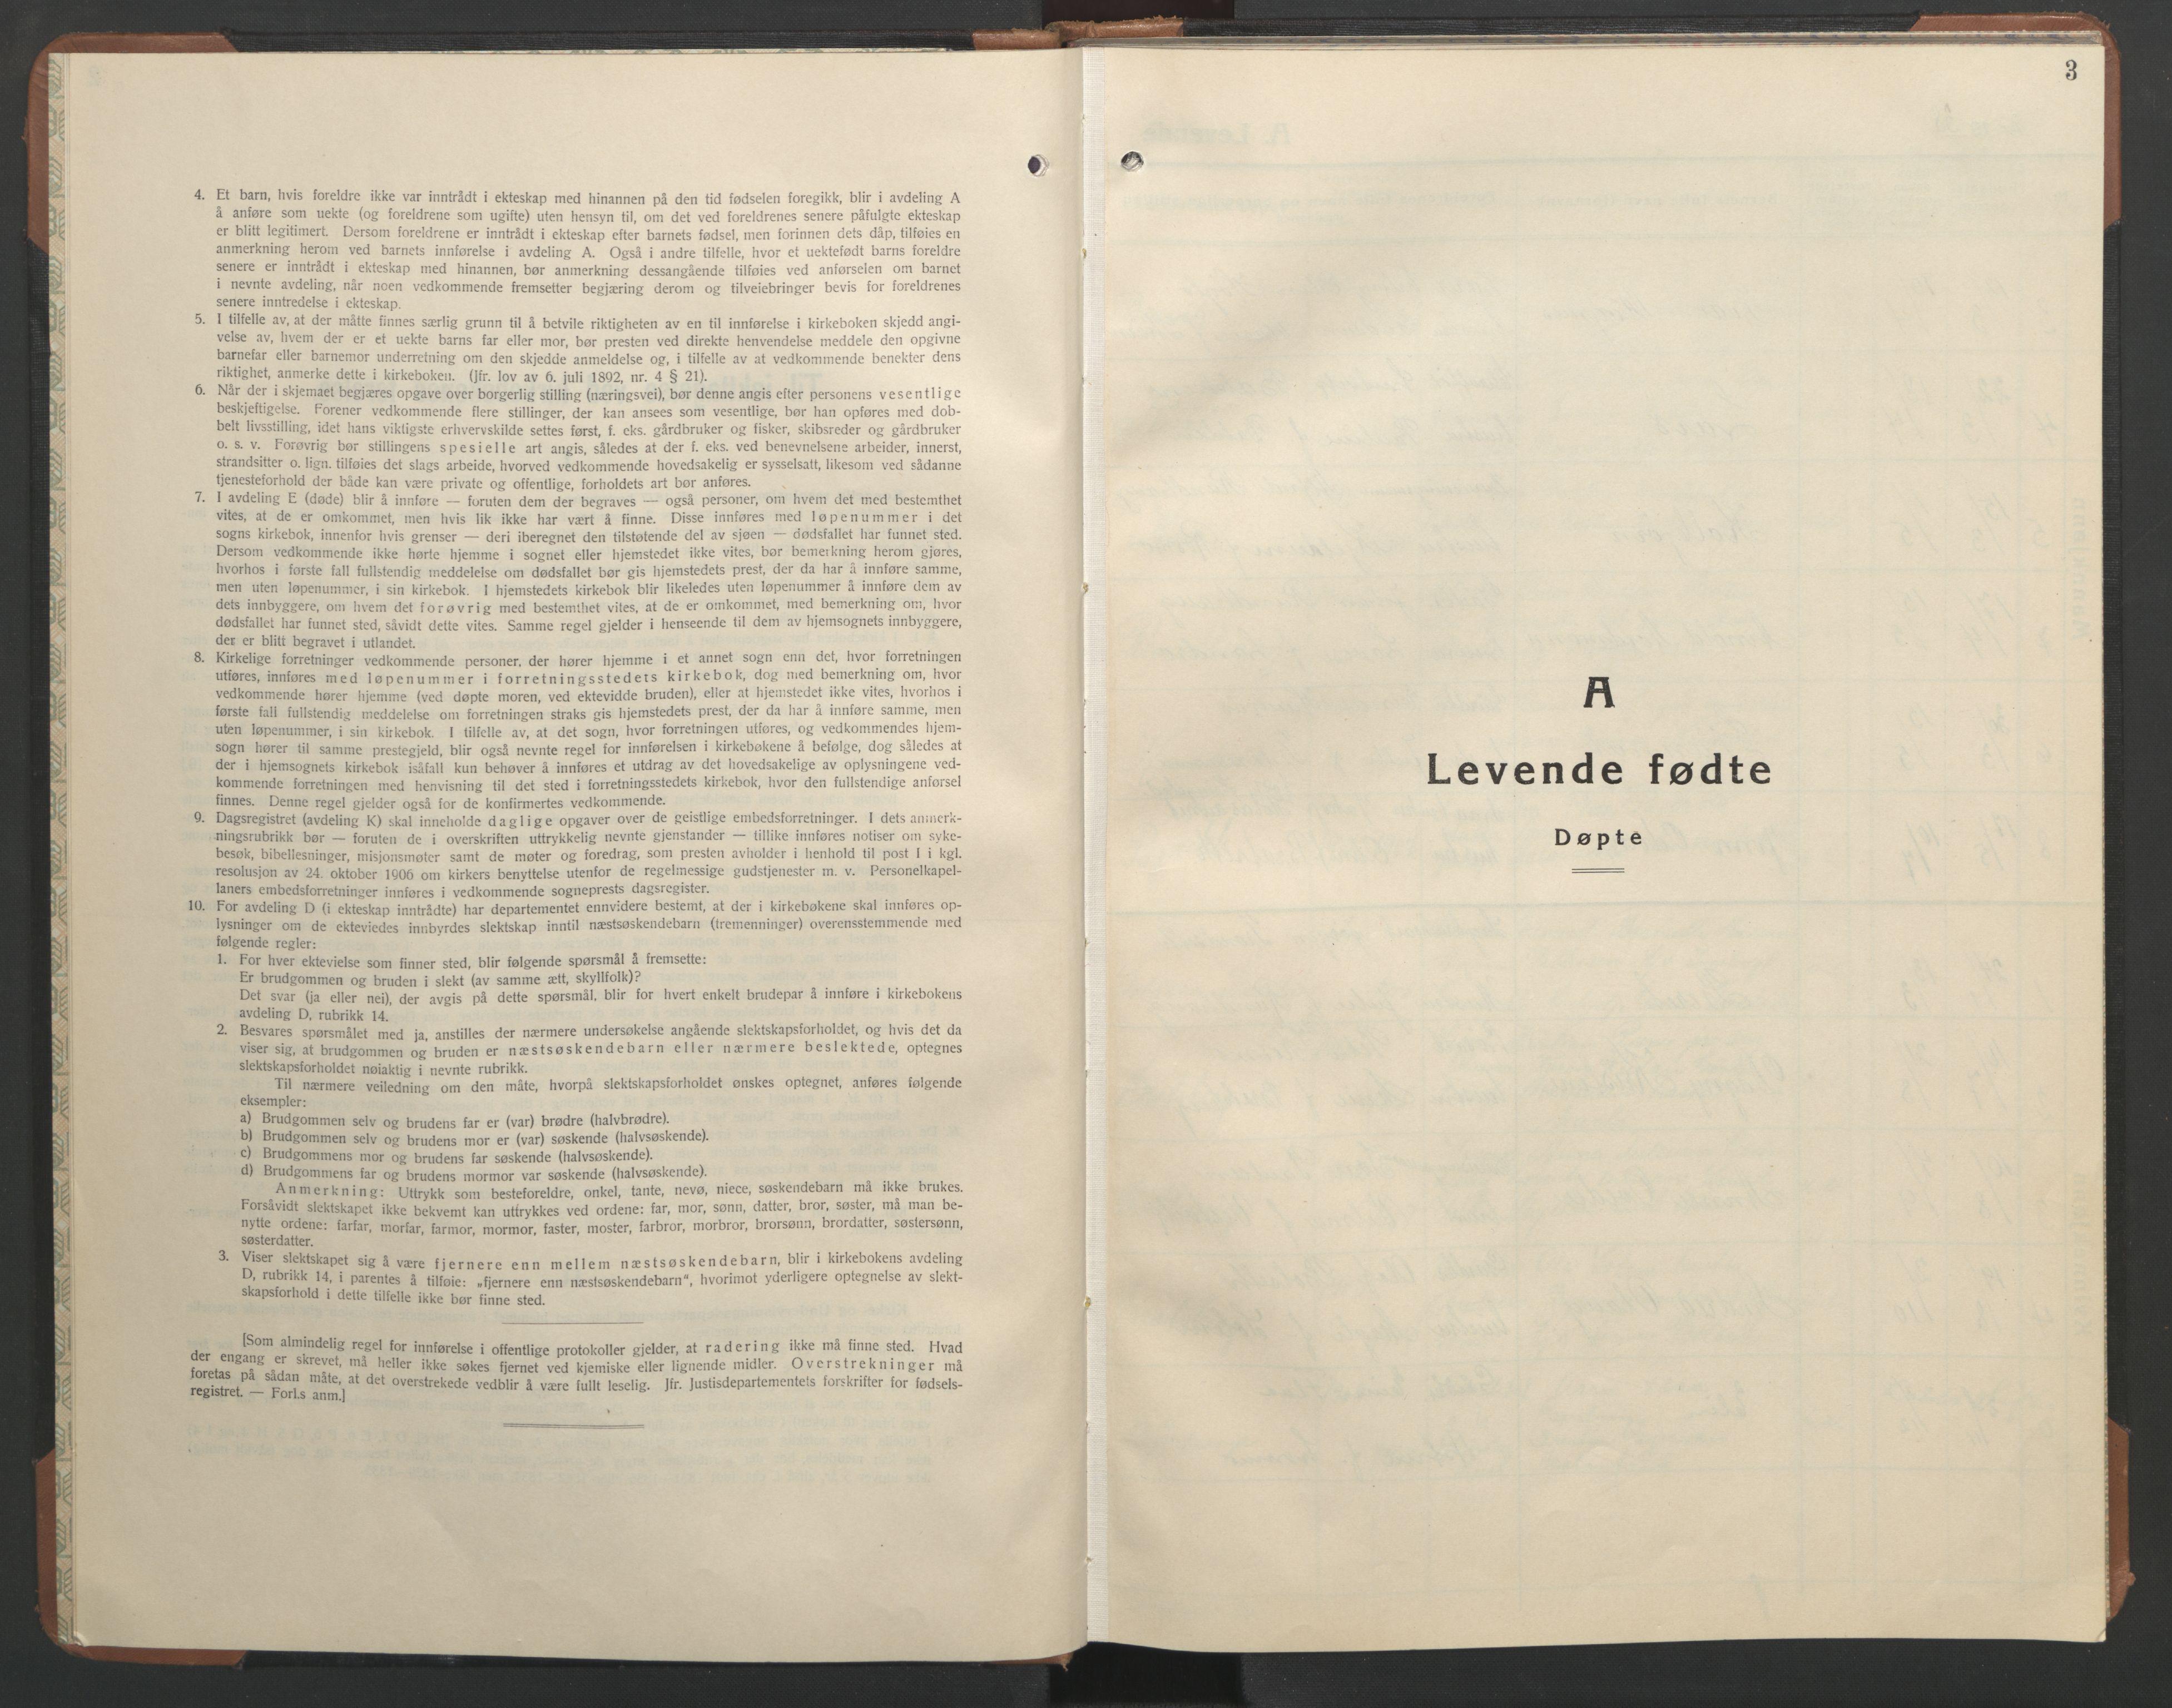 SAT, Ministerialprotokoller, klokkerbøker og fødselsregistre - Sør-Trøndelag, 608/L0343: Klokkerbok nr. 608C09, 1938-1952, s. 3